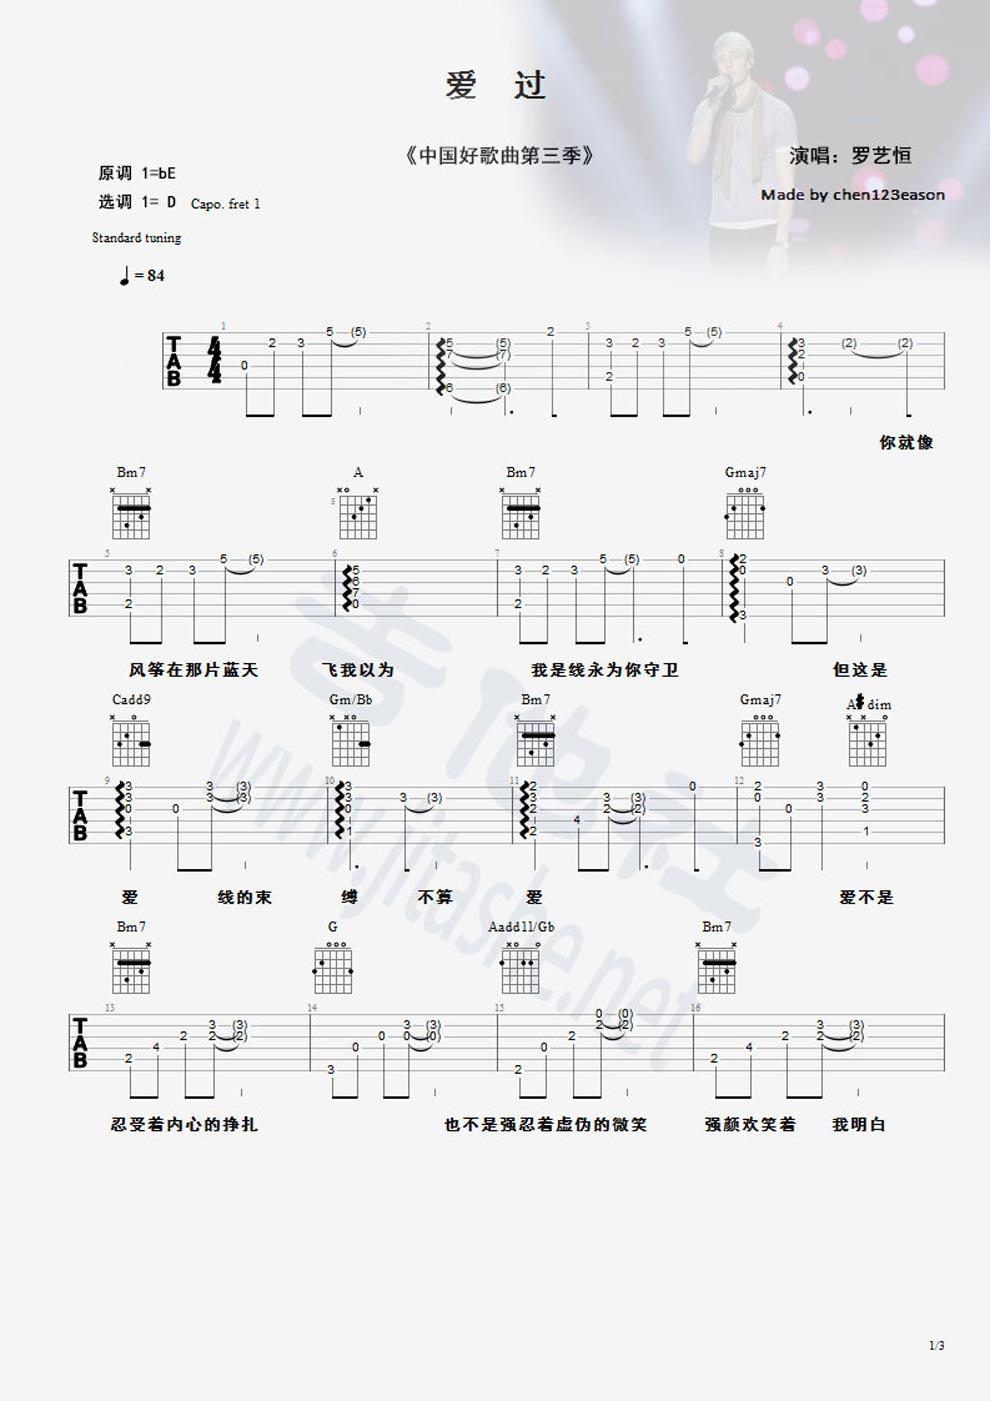 爱过吉他谱 中国好歌曲 罗艺恒六线图谱 吉他谱